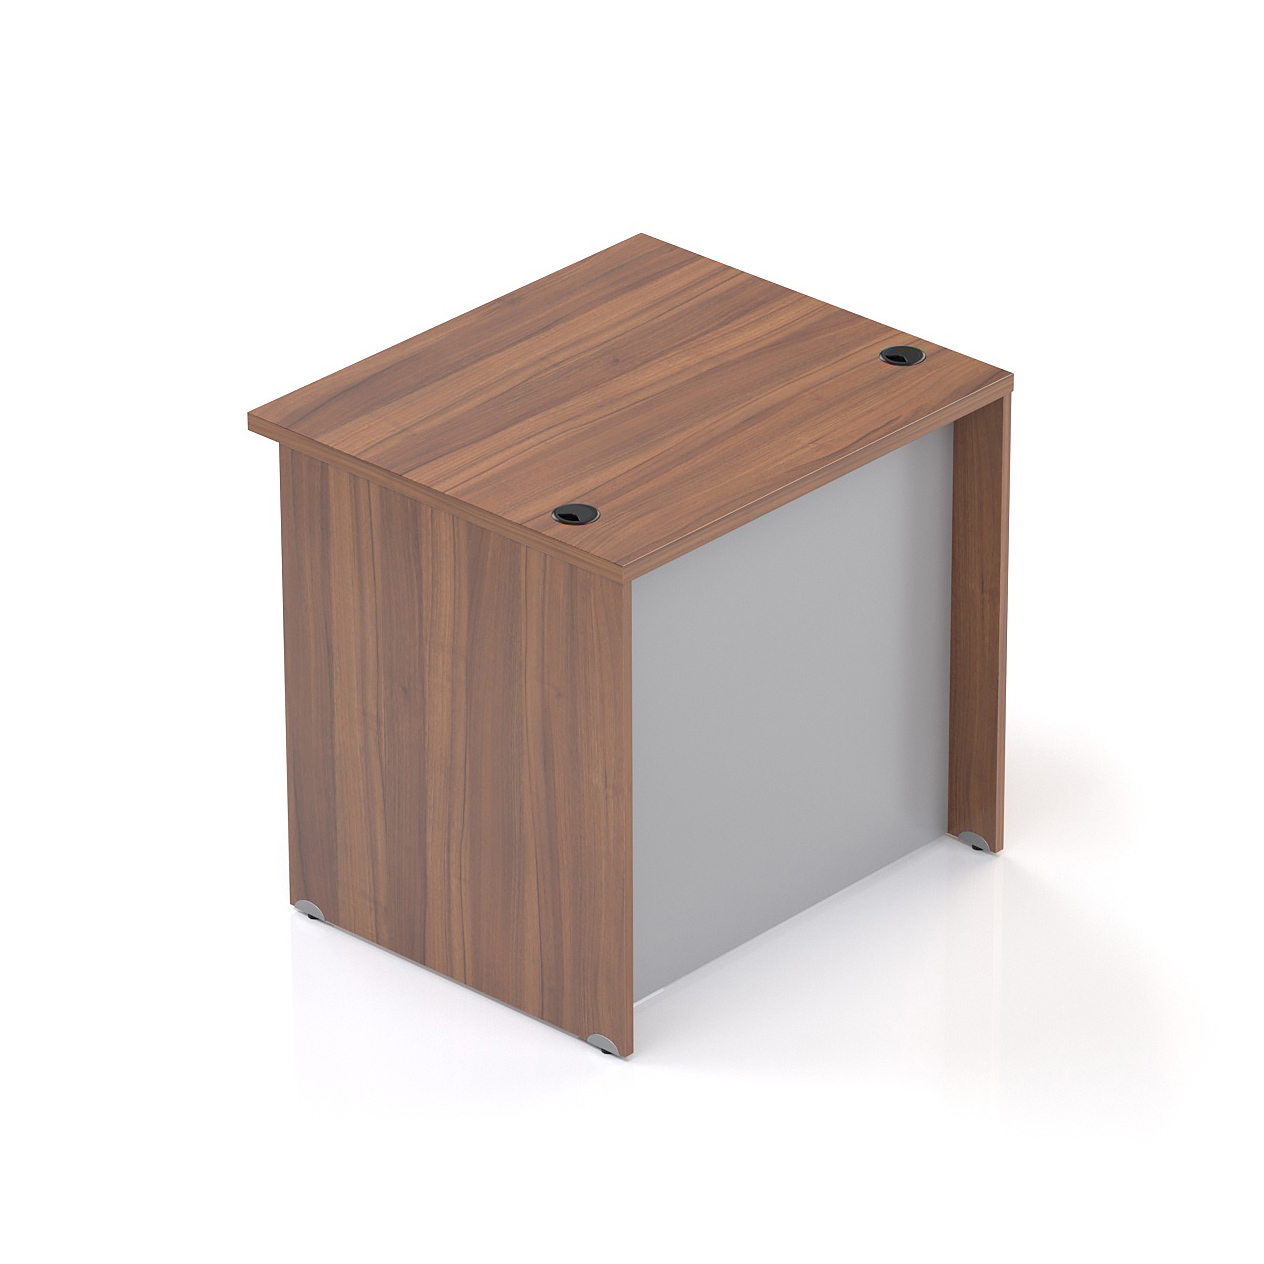 Recepčný pult Komfort, 80x70x76 cm - LKA08 19